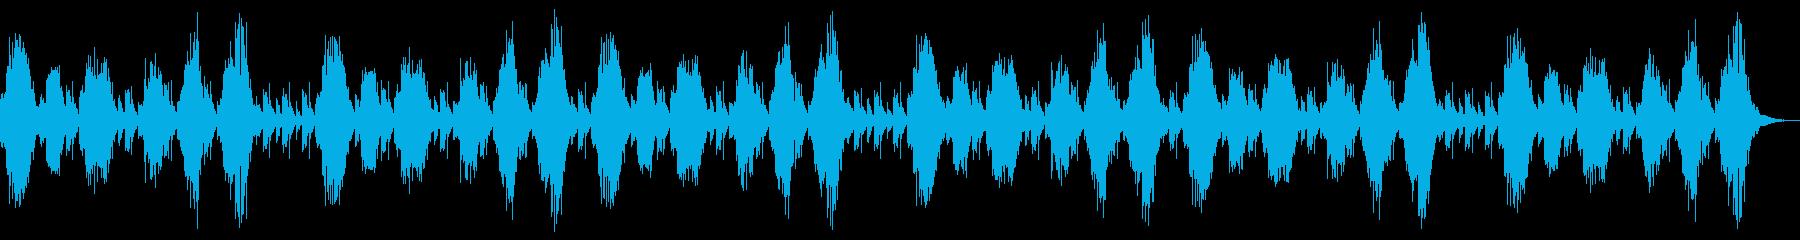 ホラーの演出 奇妙な背景 ハープの再生済みの波形